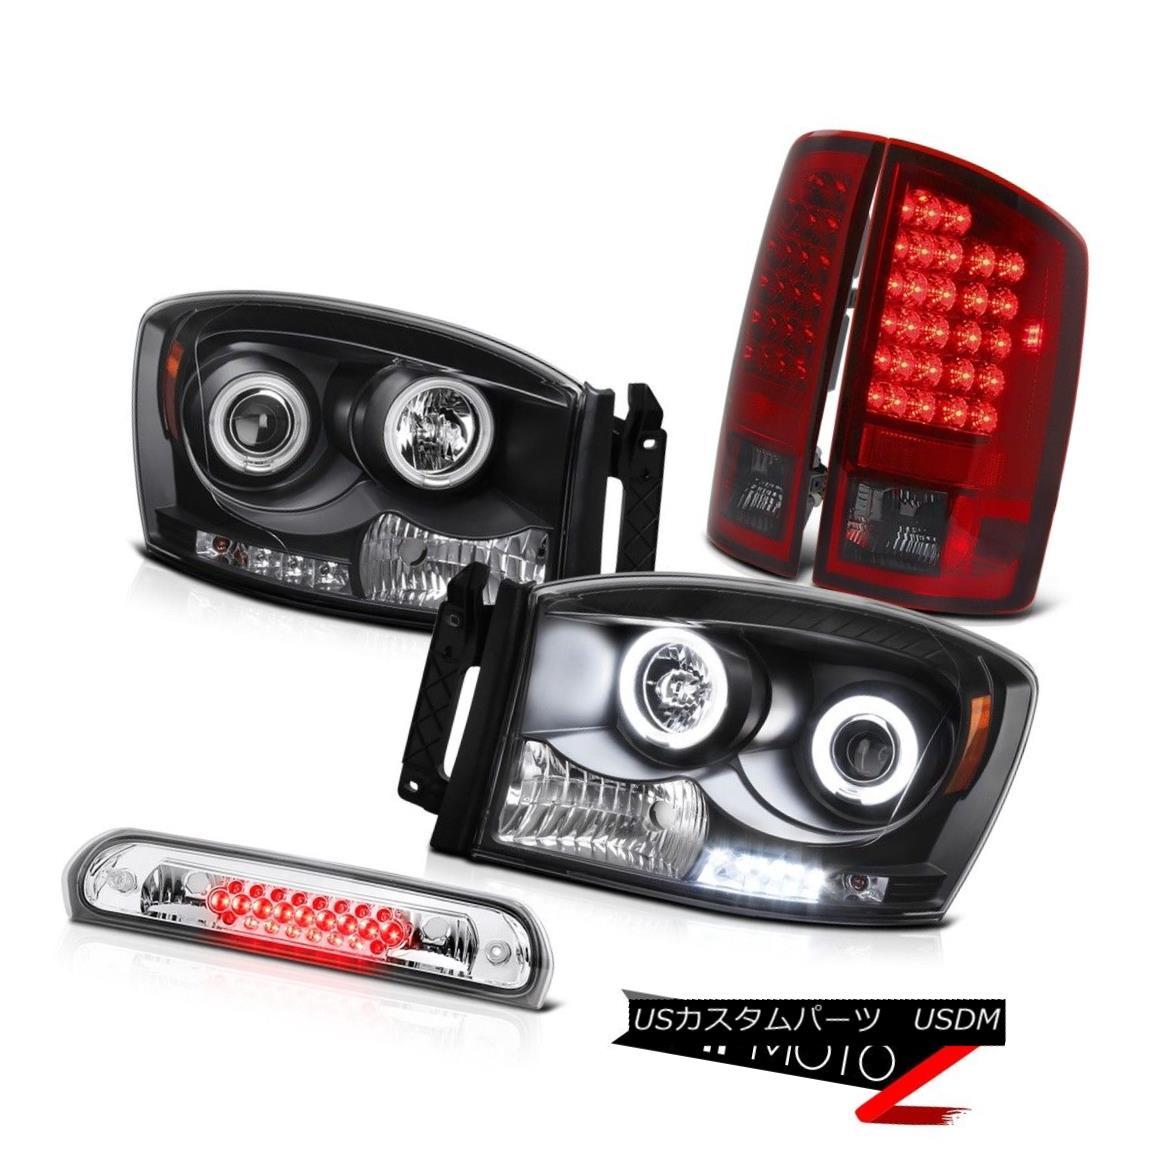 テールライト CCFL Angel Eye Headlights Dark RED LED Tail Lights 3rd 2007-2008 Dodge Ram 2500 CCFLエンジェルアイヘッドライトダークRED LEDテールライト3rd 2007-2008 Dodge Ram 2500